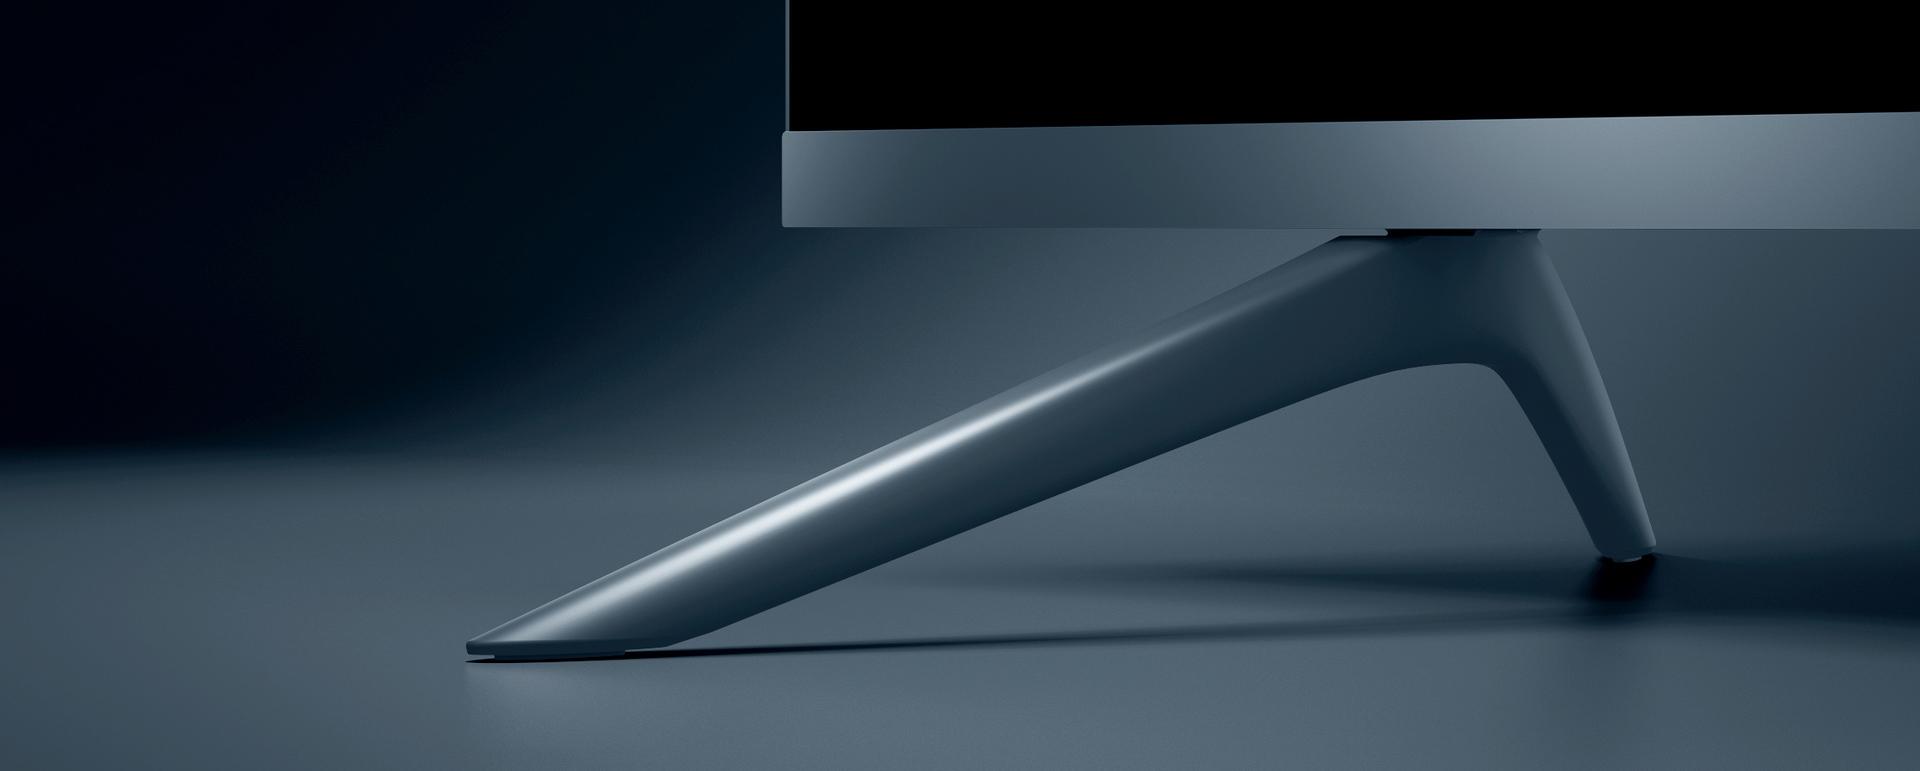 Xiaomi okostévé láb